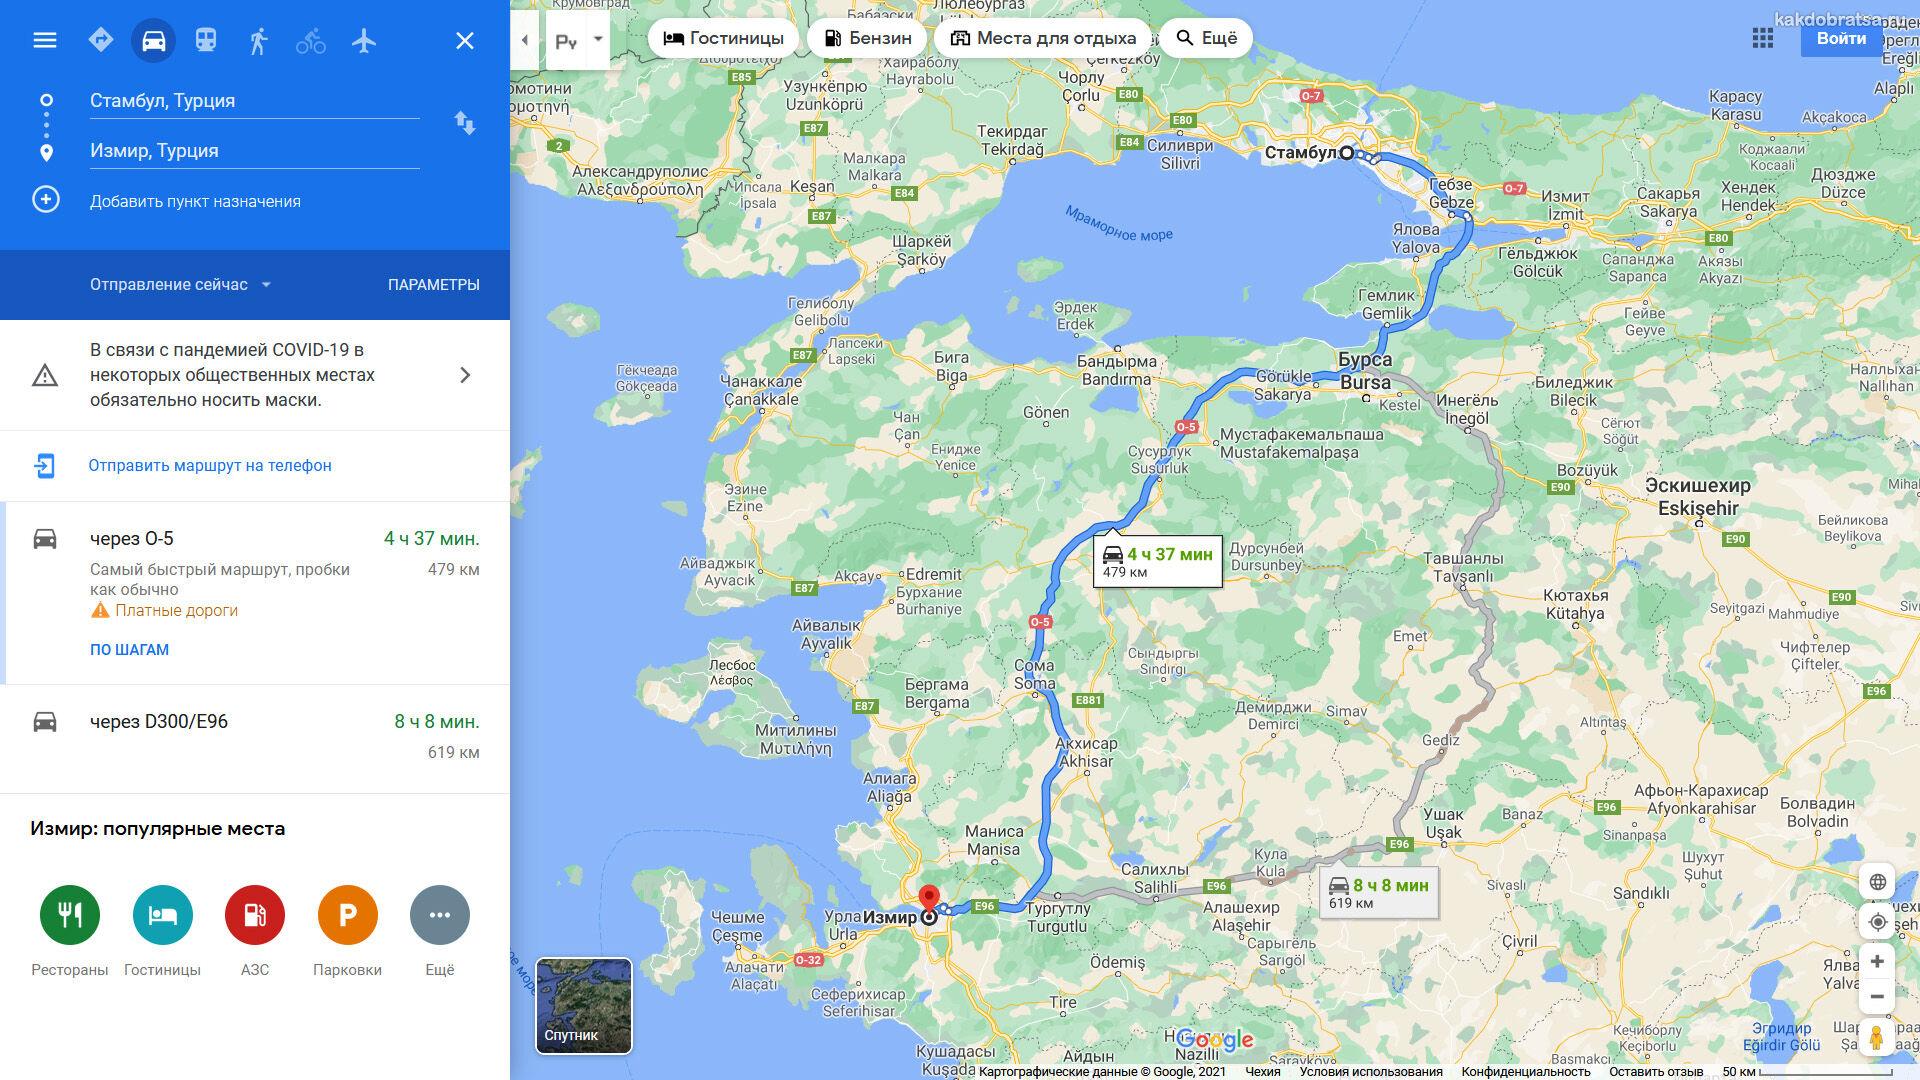 Расстояние между Стамбулом и Измиром по карте